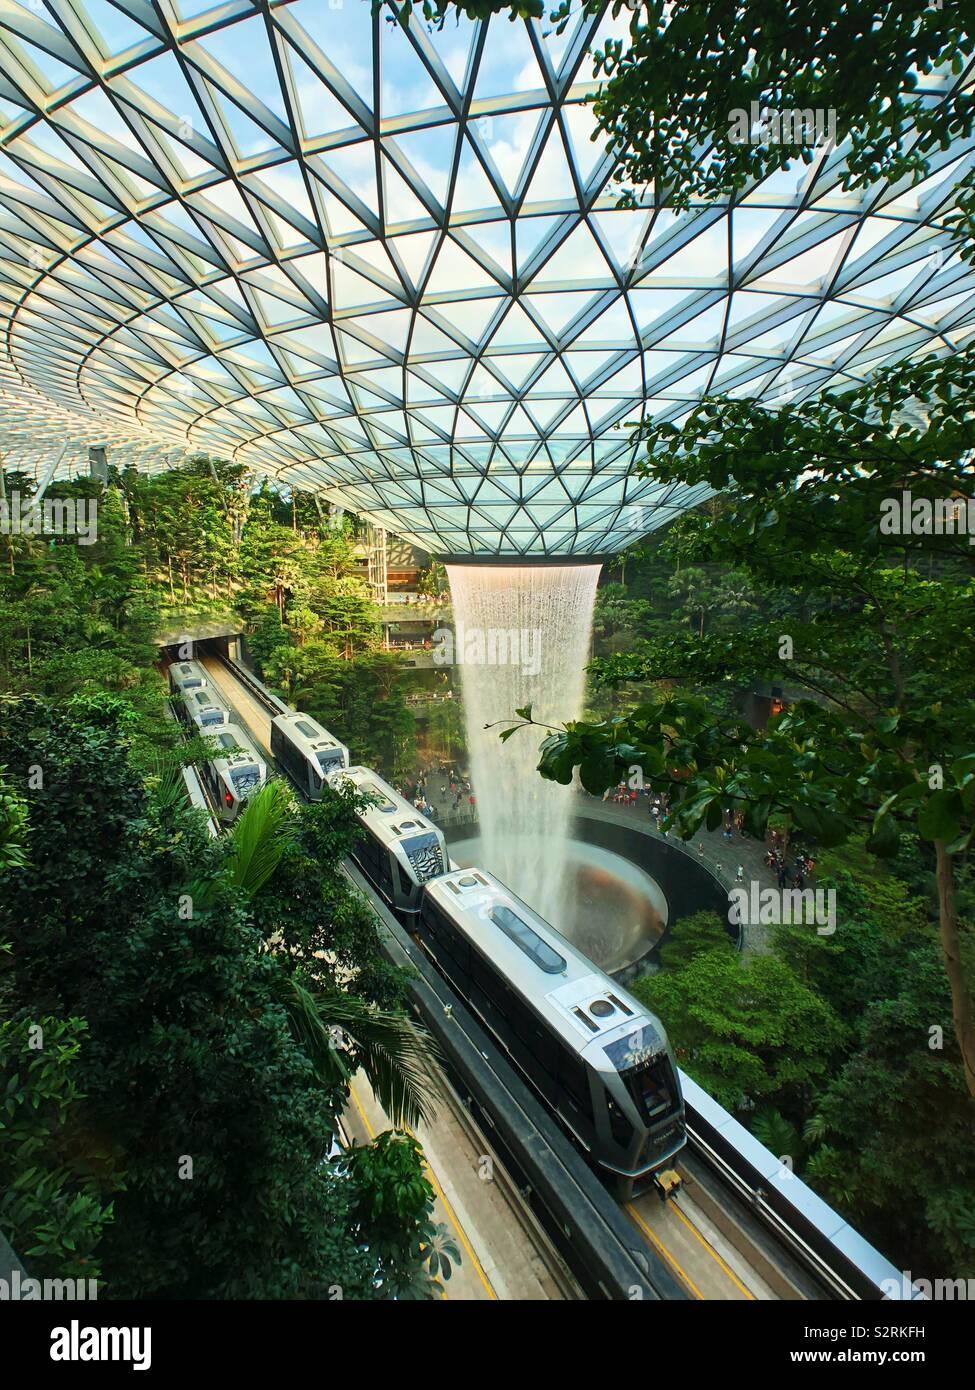 Gioiello, l'Aeroporto di Singapore Foto Stock